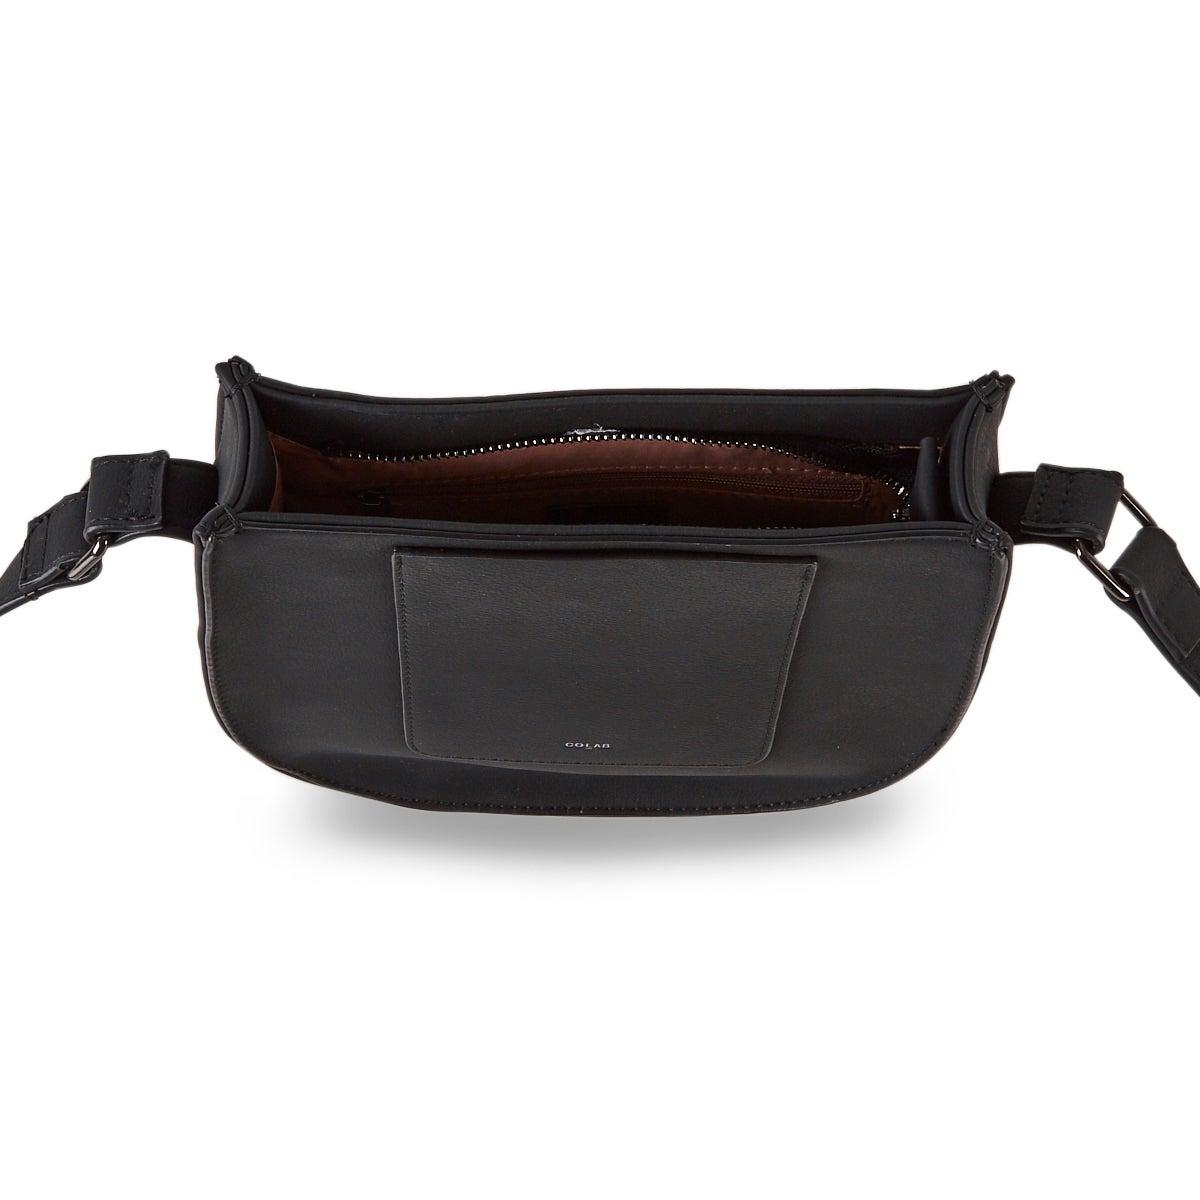 Sac bandoulière 6367 noir, profil selle, femmes